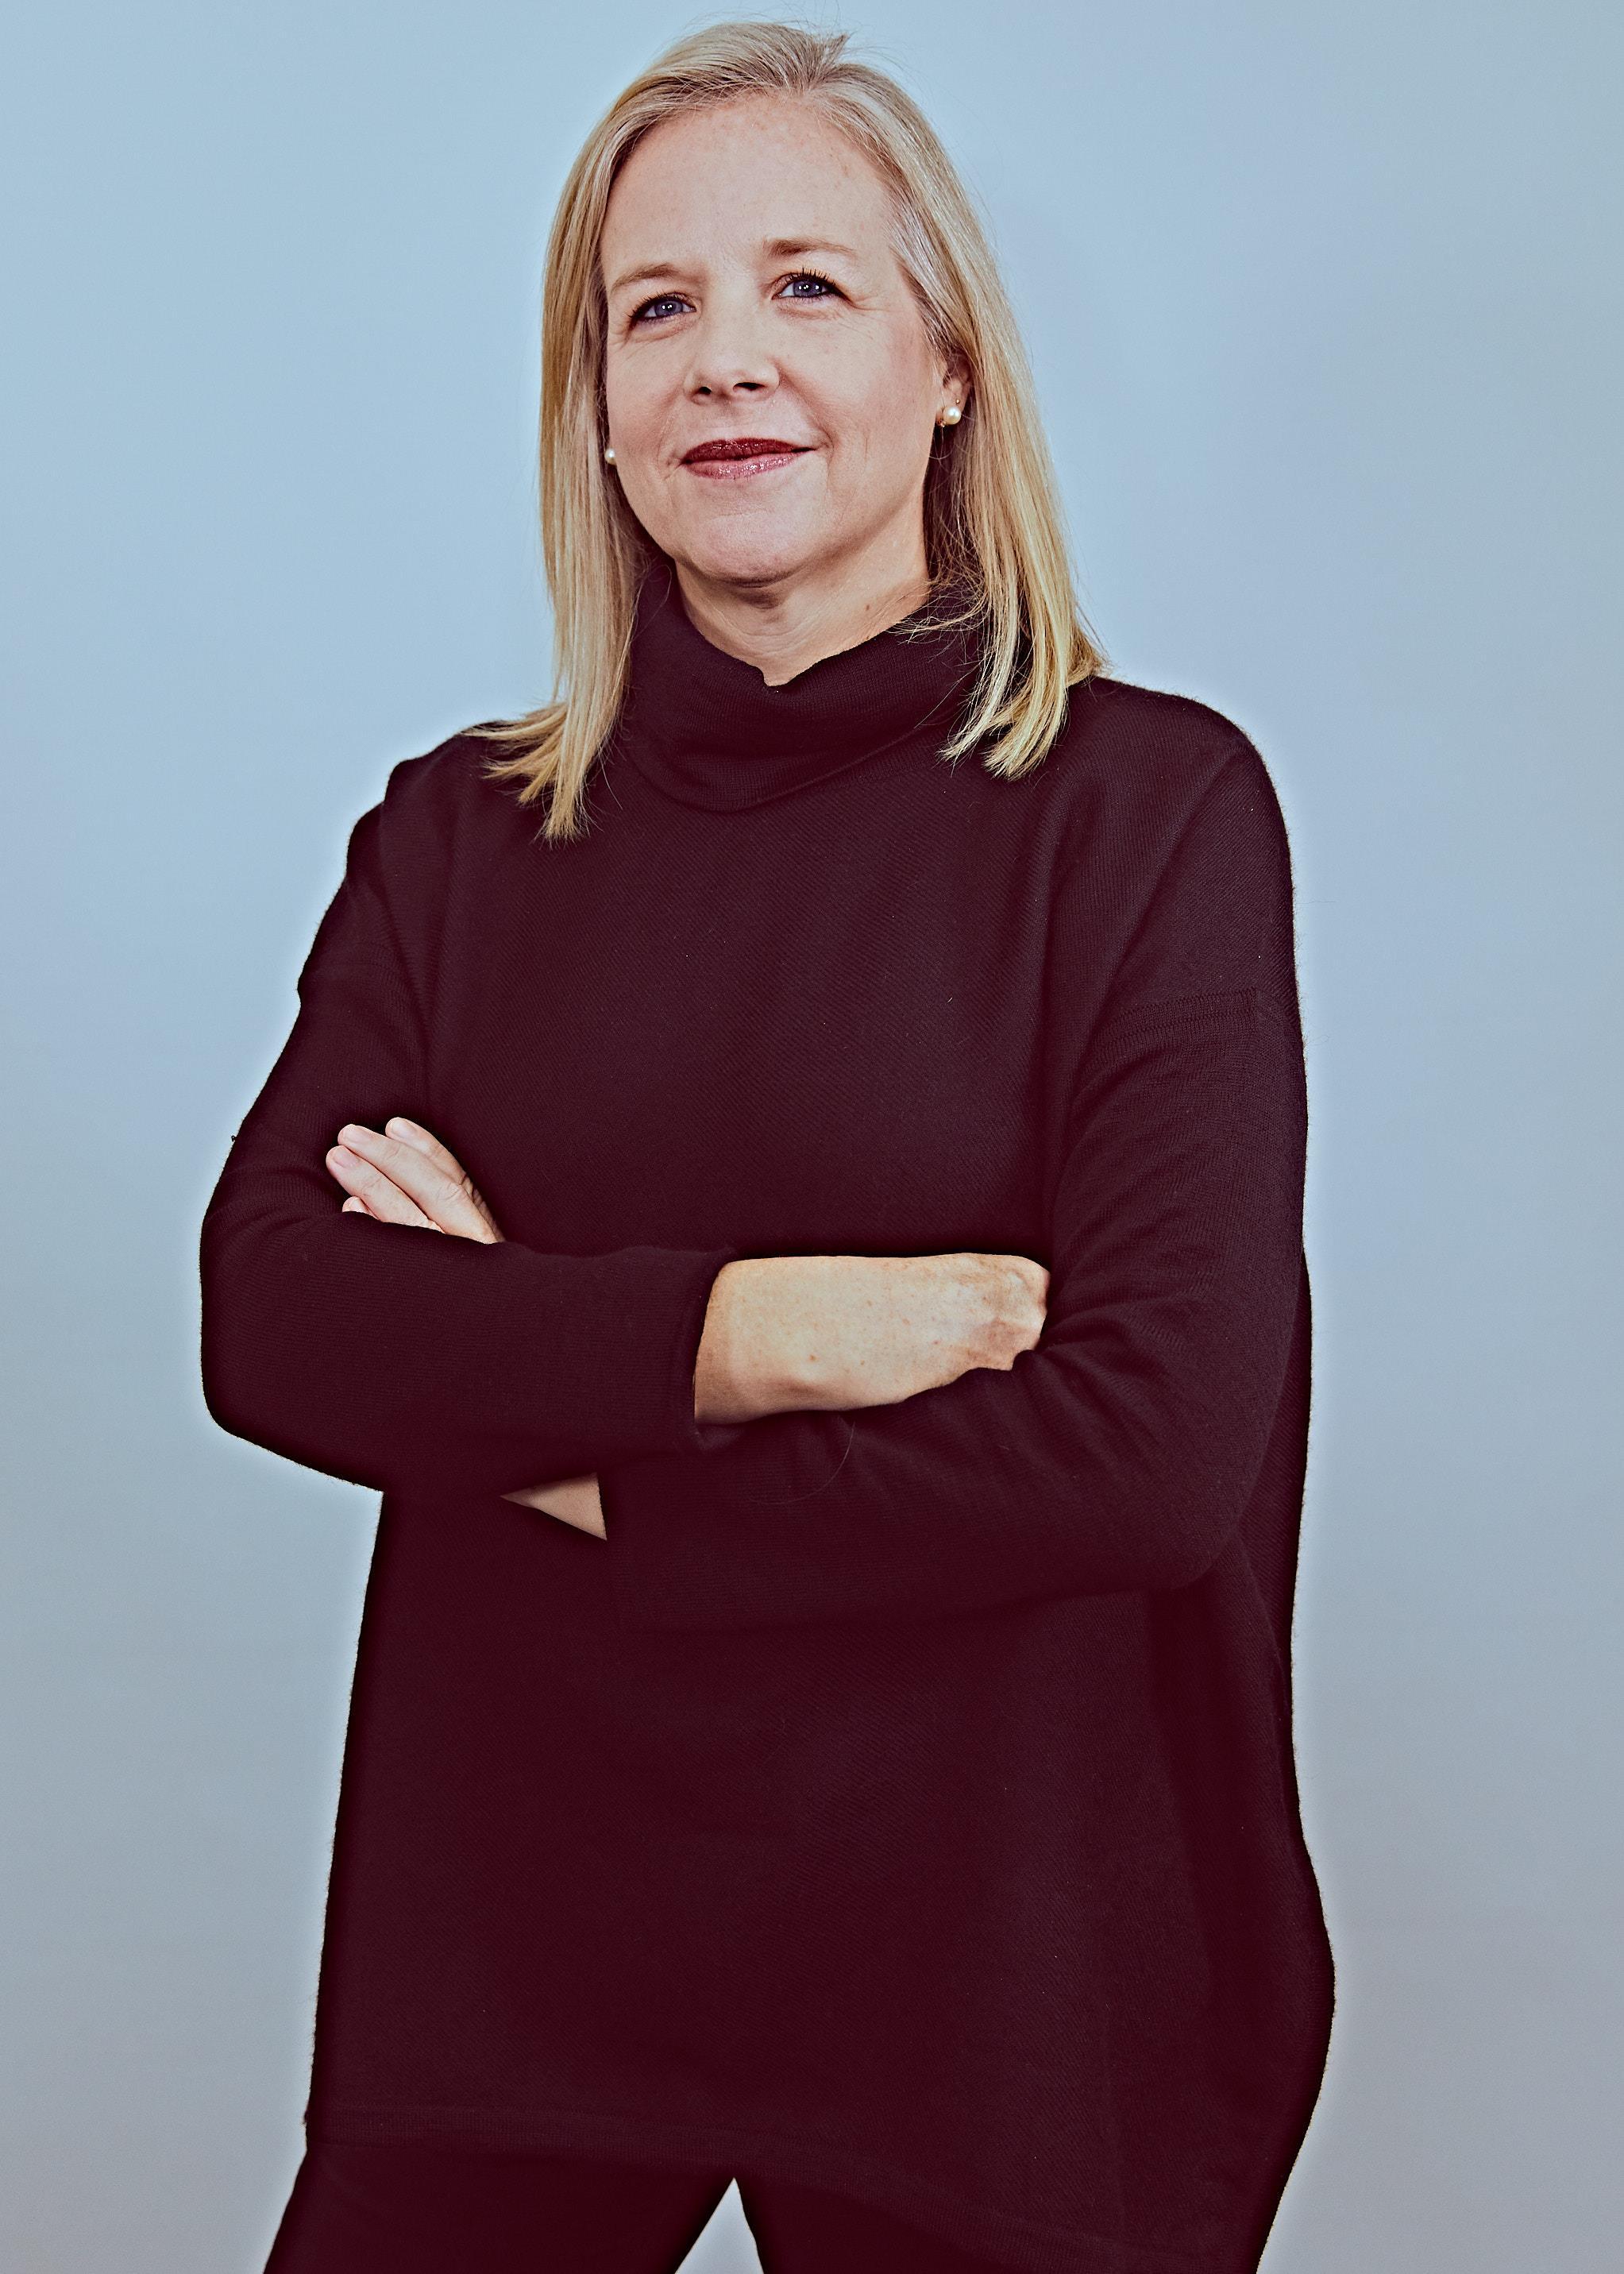 Amie  Miller